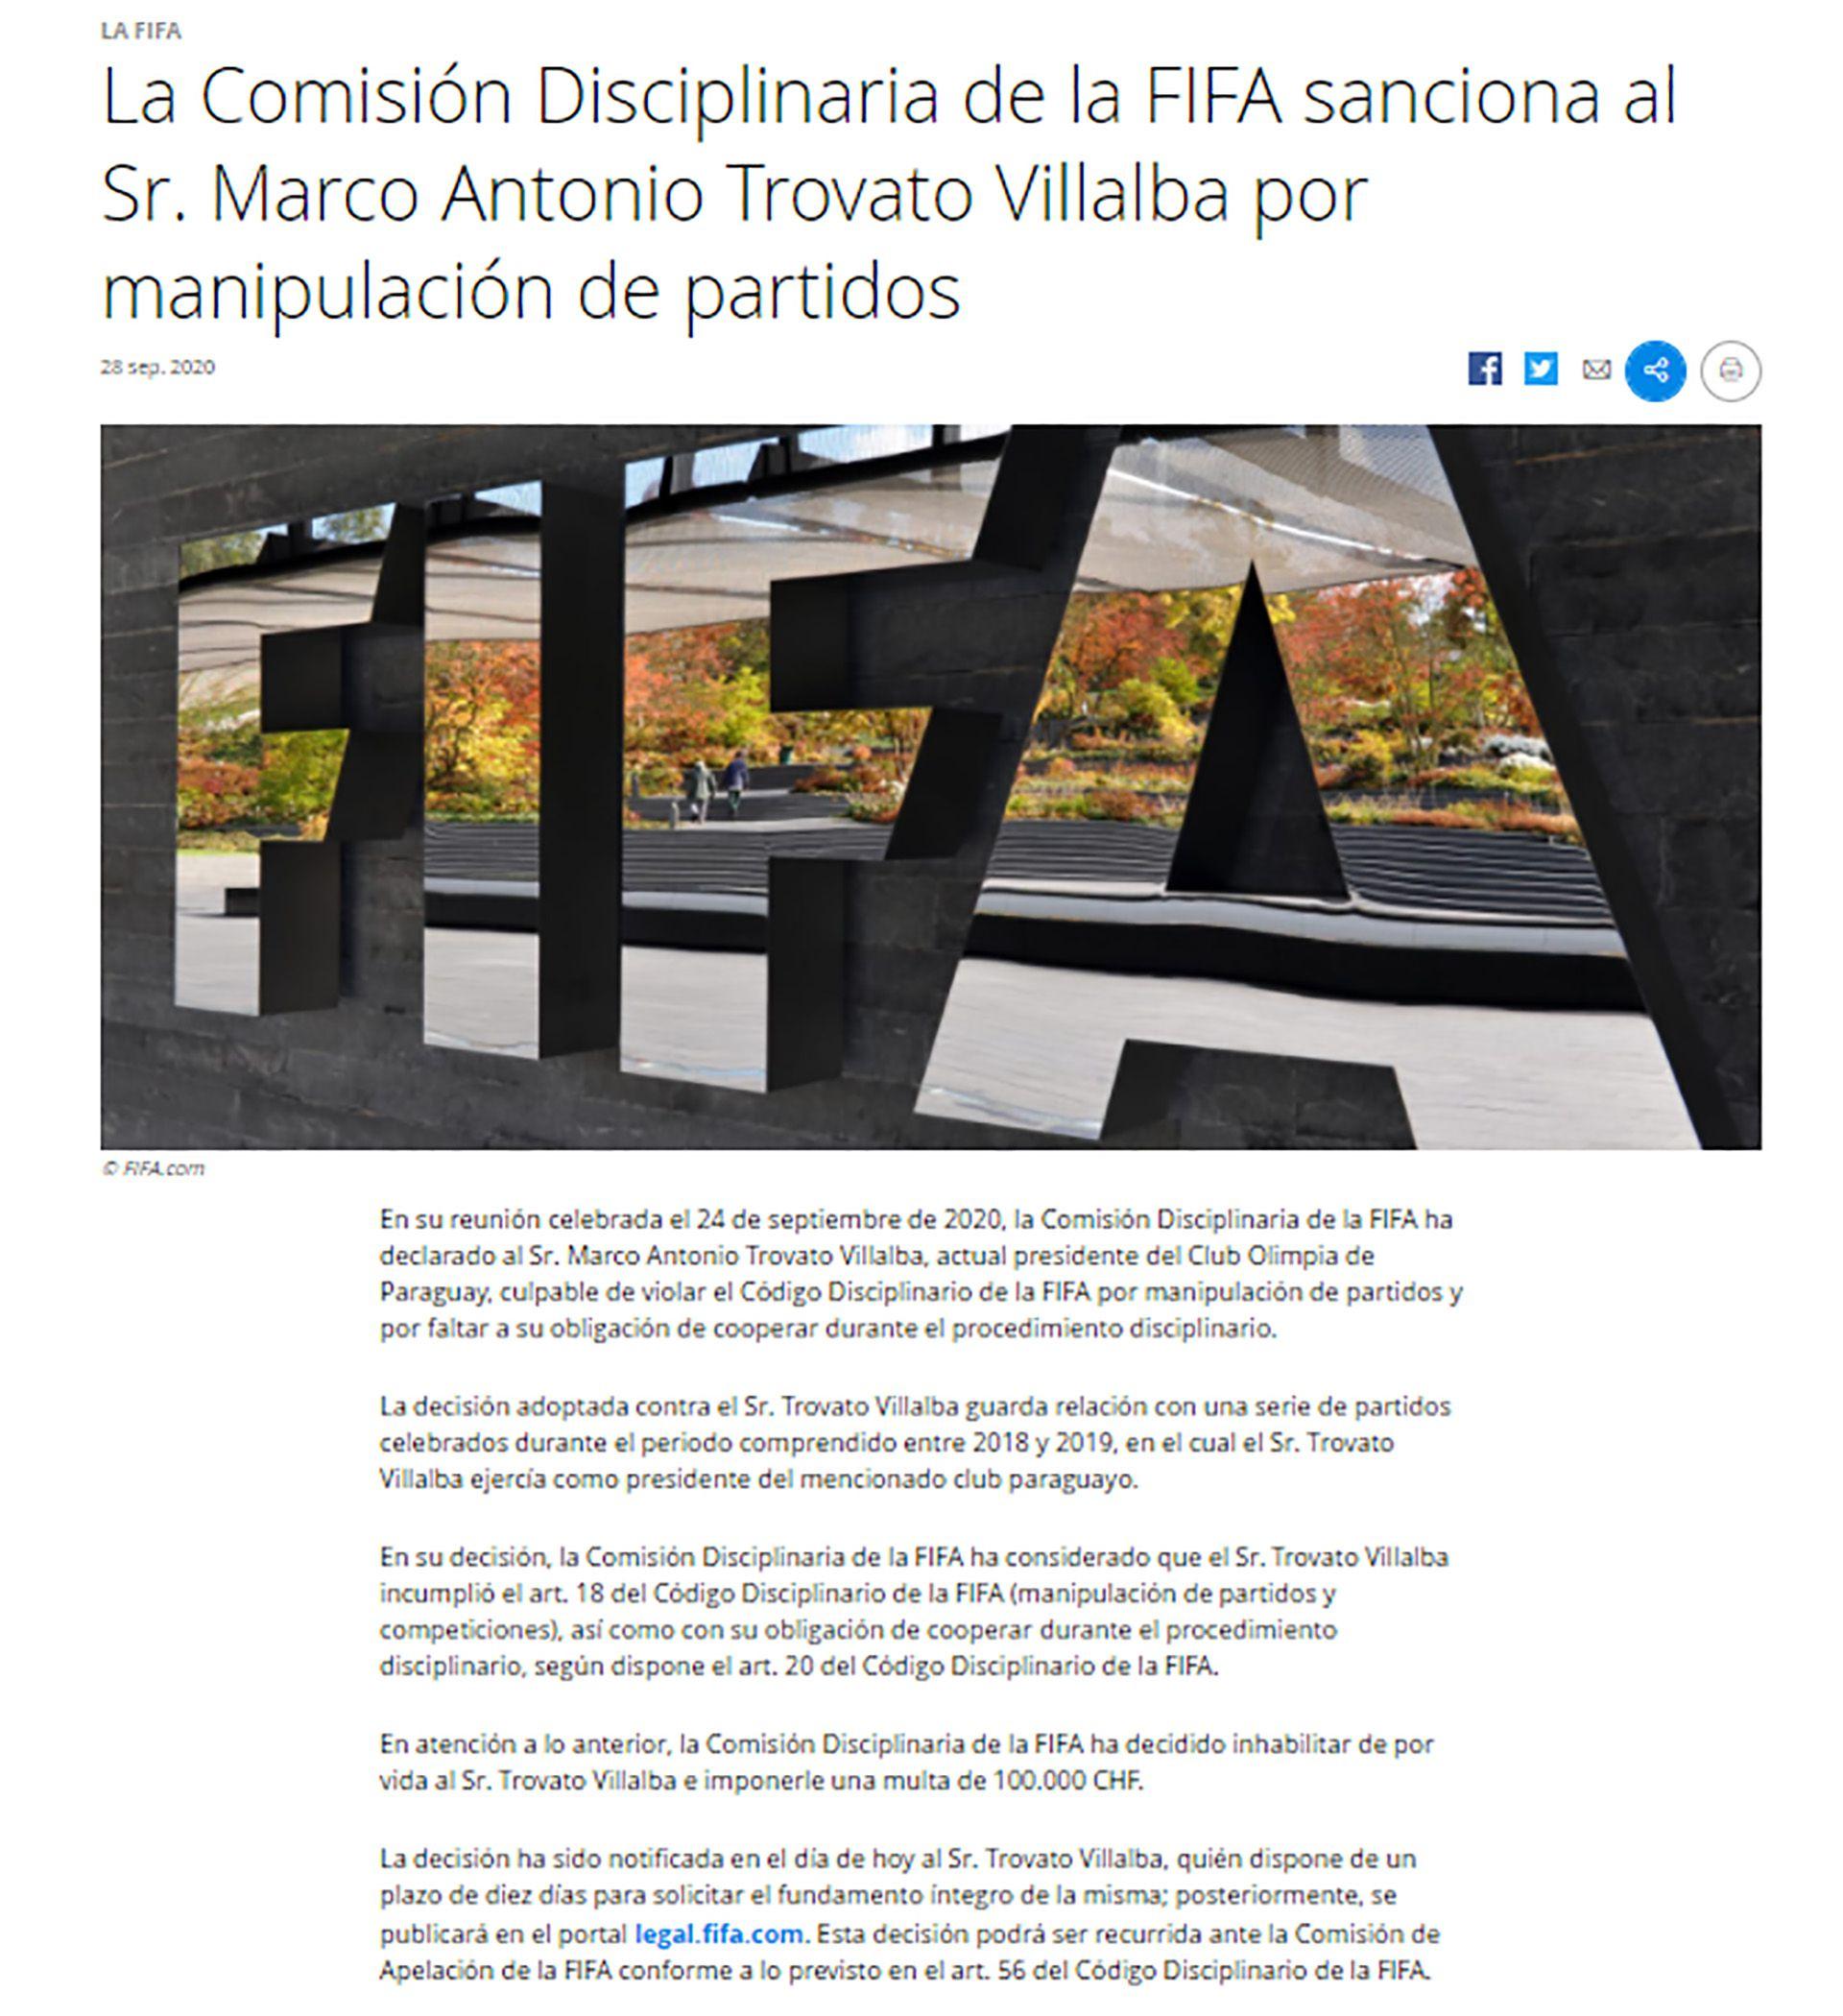 Presidente de Olimpia de Paraguay suspendido de por vida